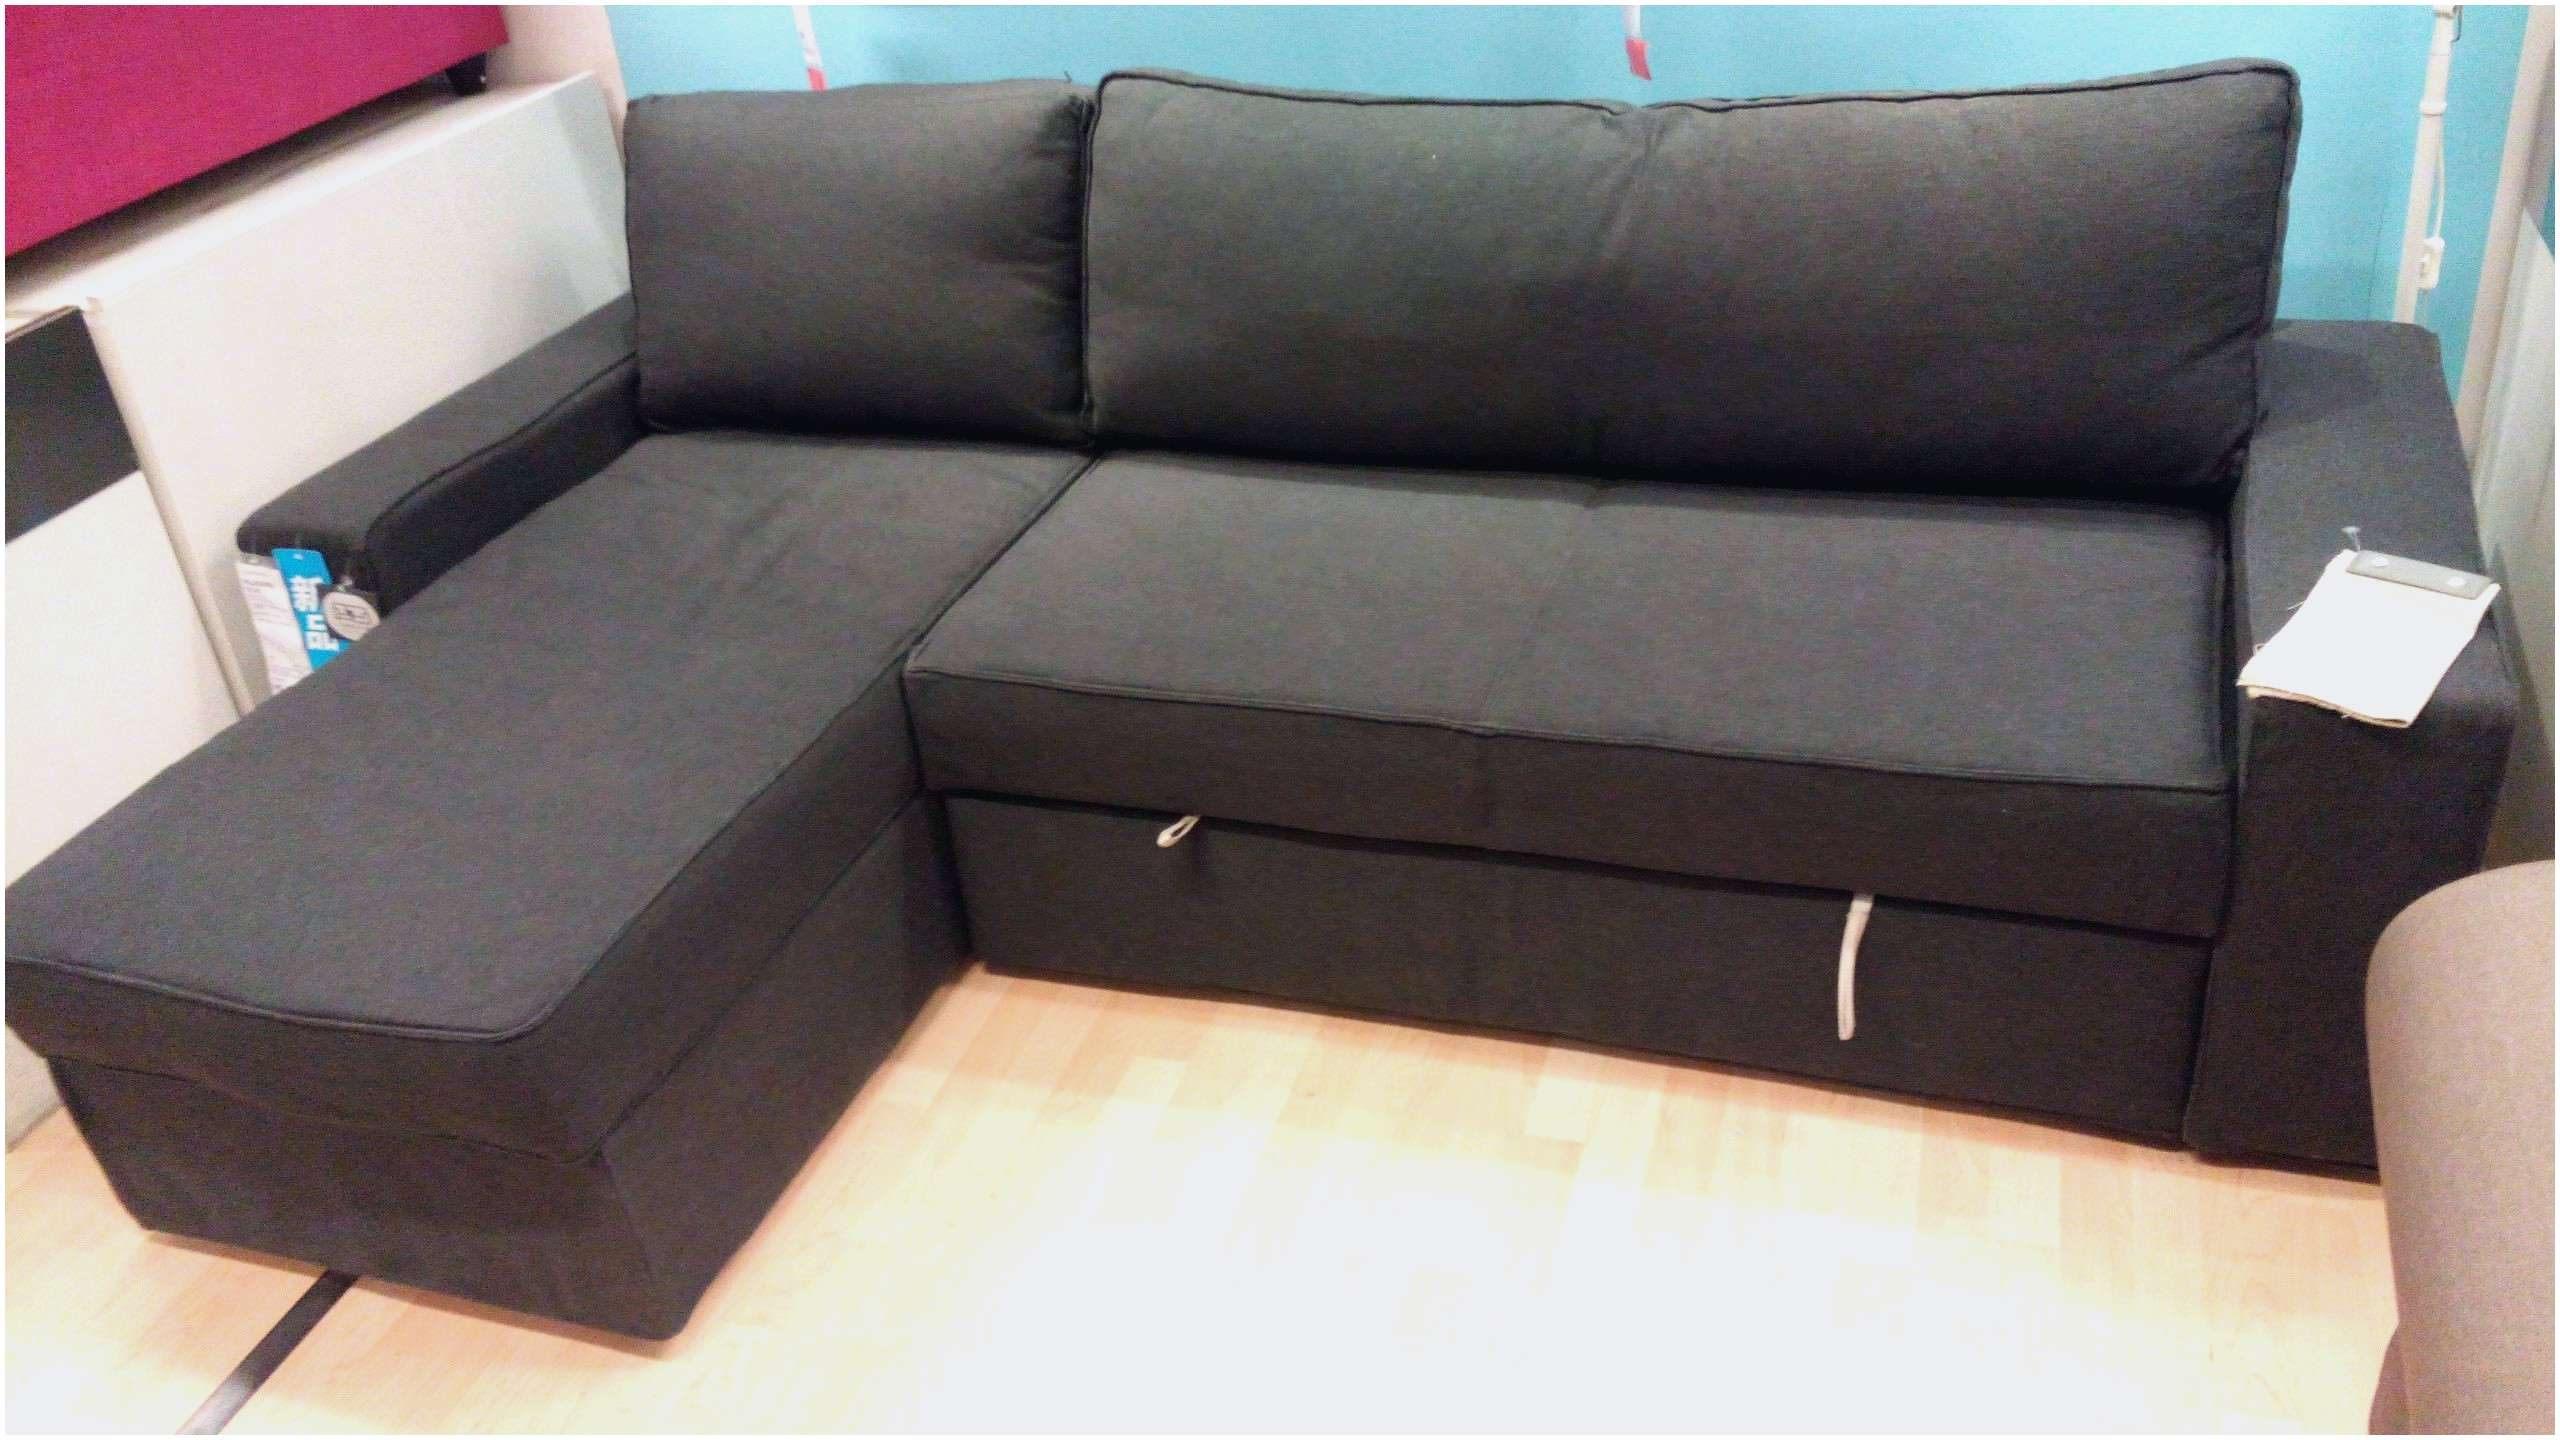 Lit Escamotable Canapé Ikea Douce Unique Ikea Canape Lit Bz Conforama Alinea Bz Canape Lit Place